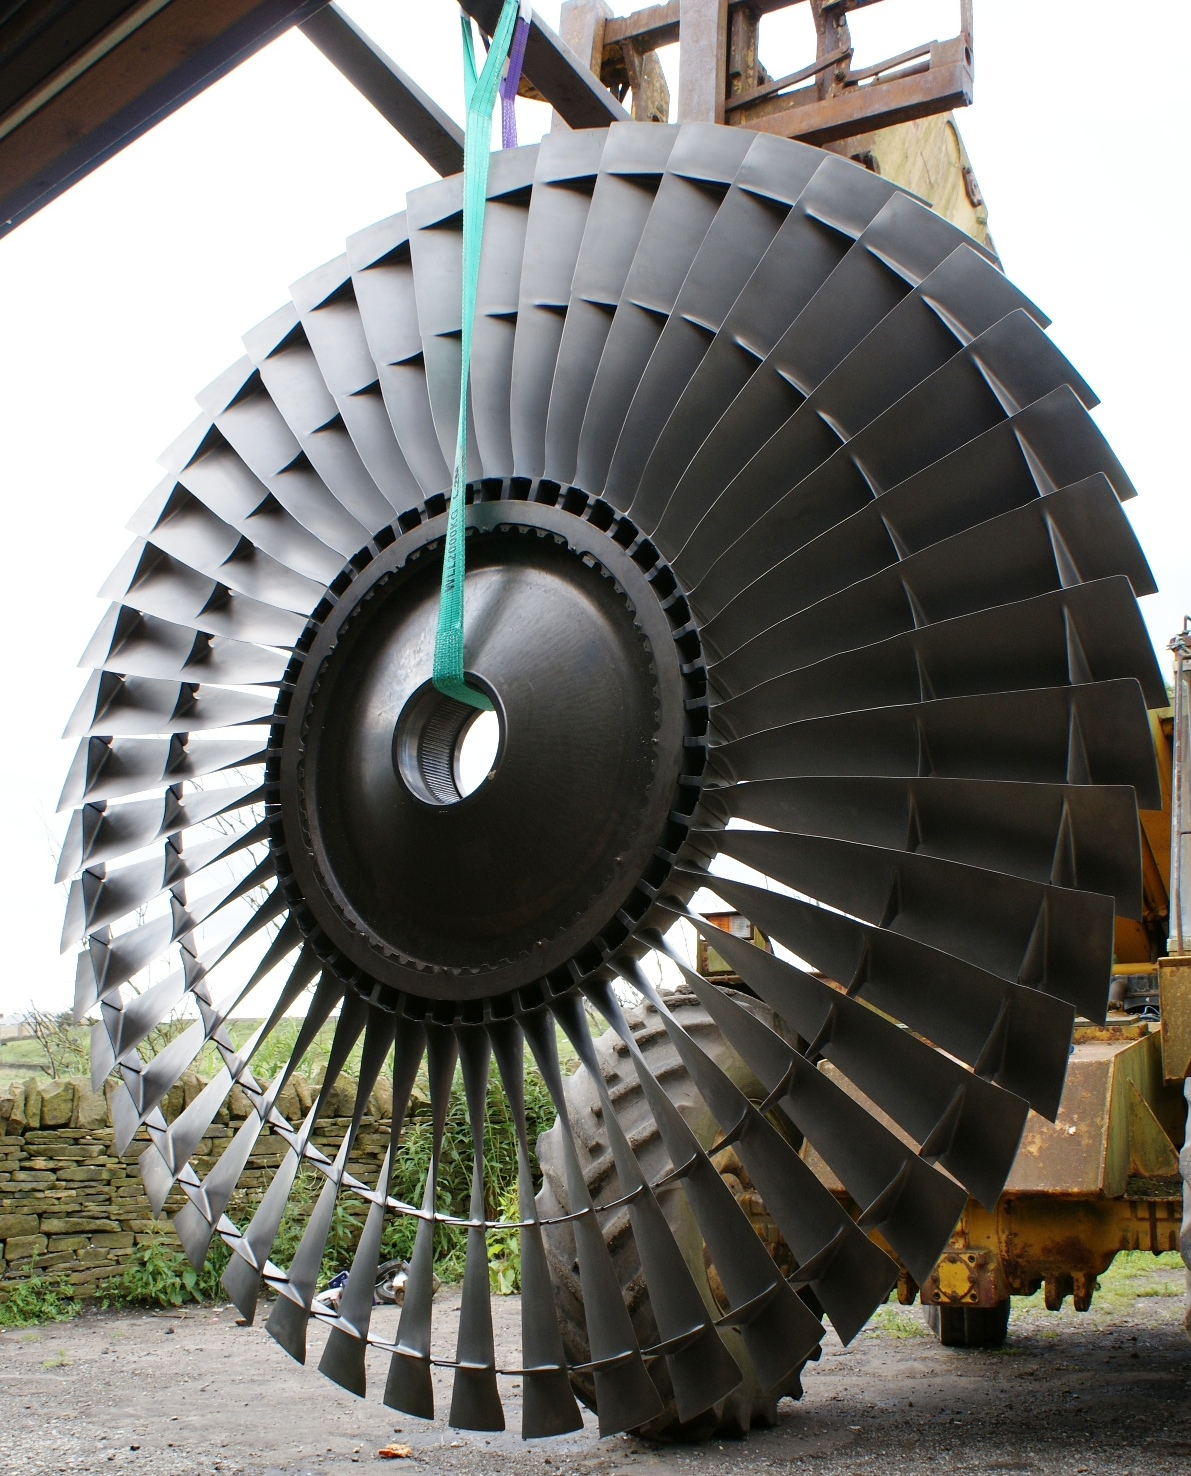 JT9D Fan 001